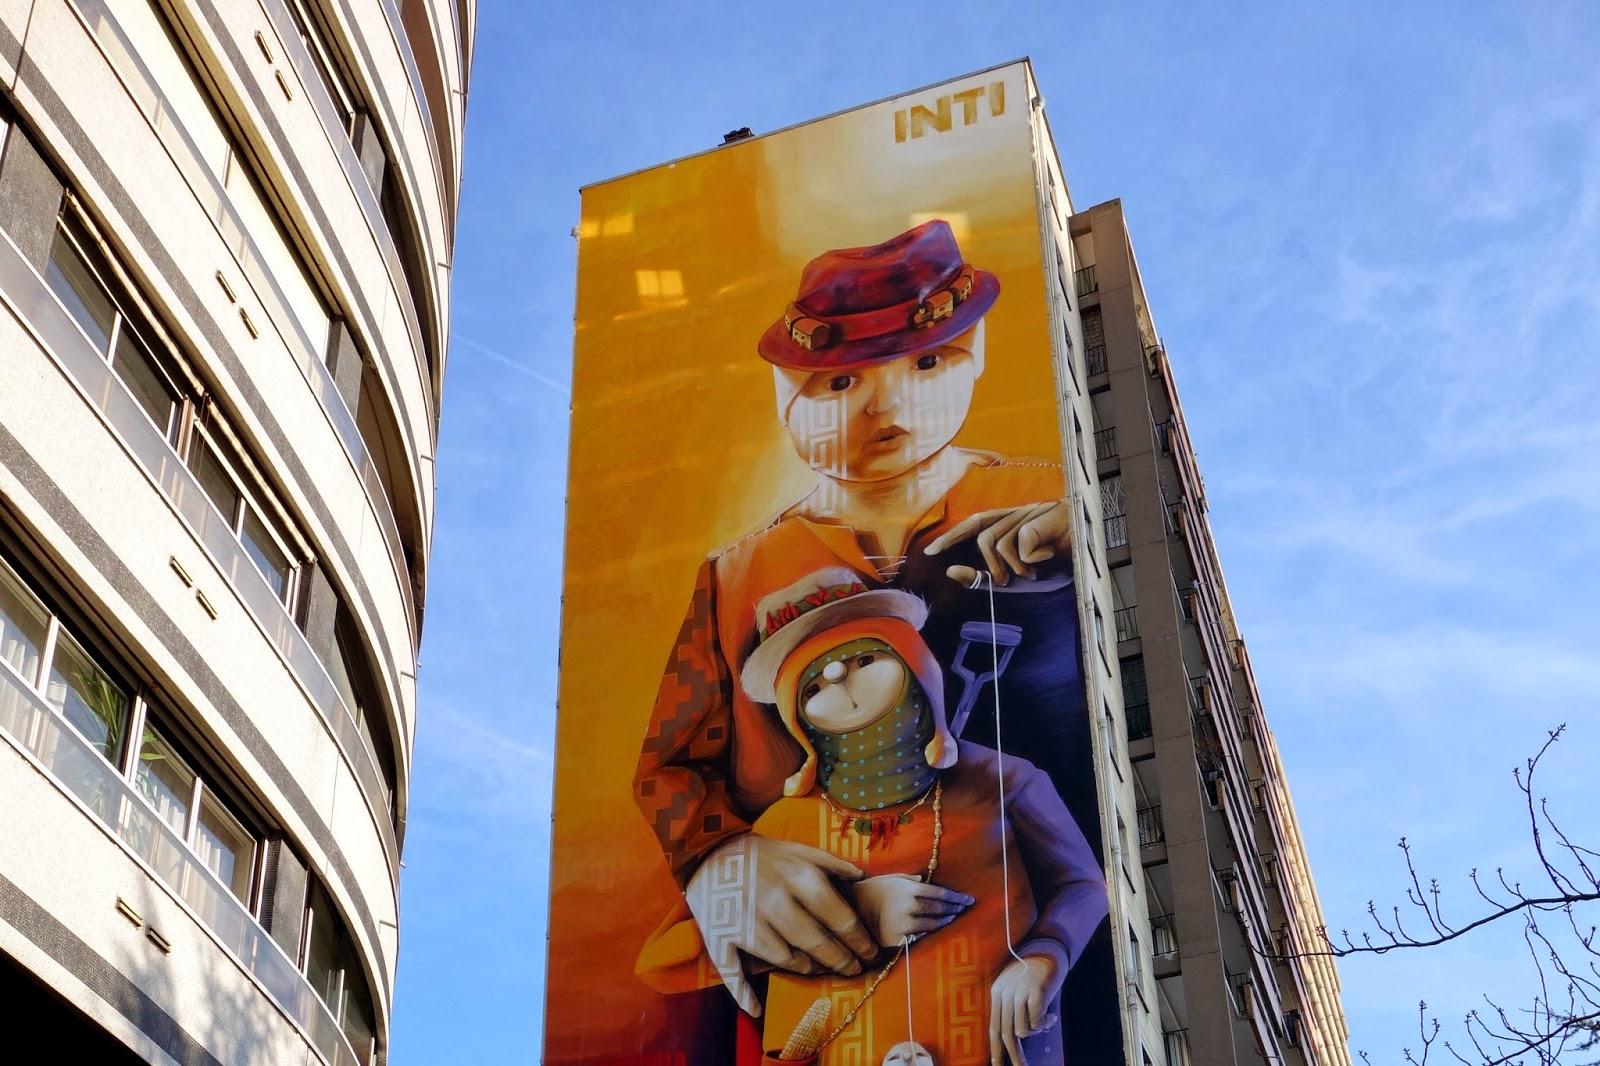 Street art les grandes fresques du parcours itinerrance mairie de paris 2014 xiii me - Galerie street art paris ...